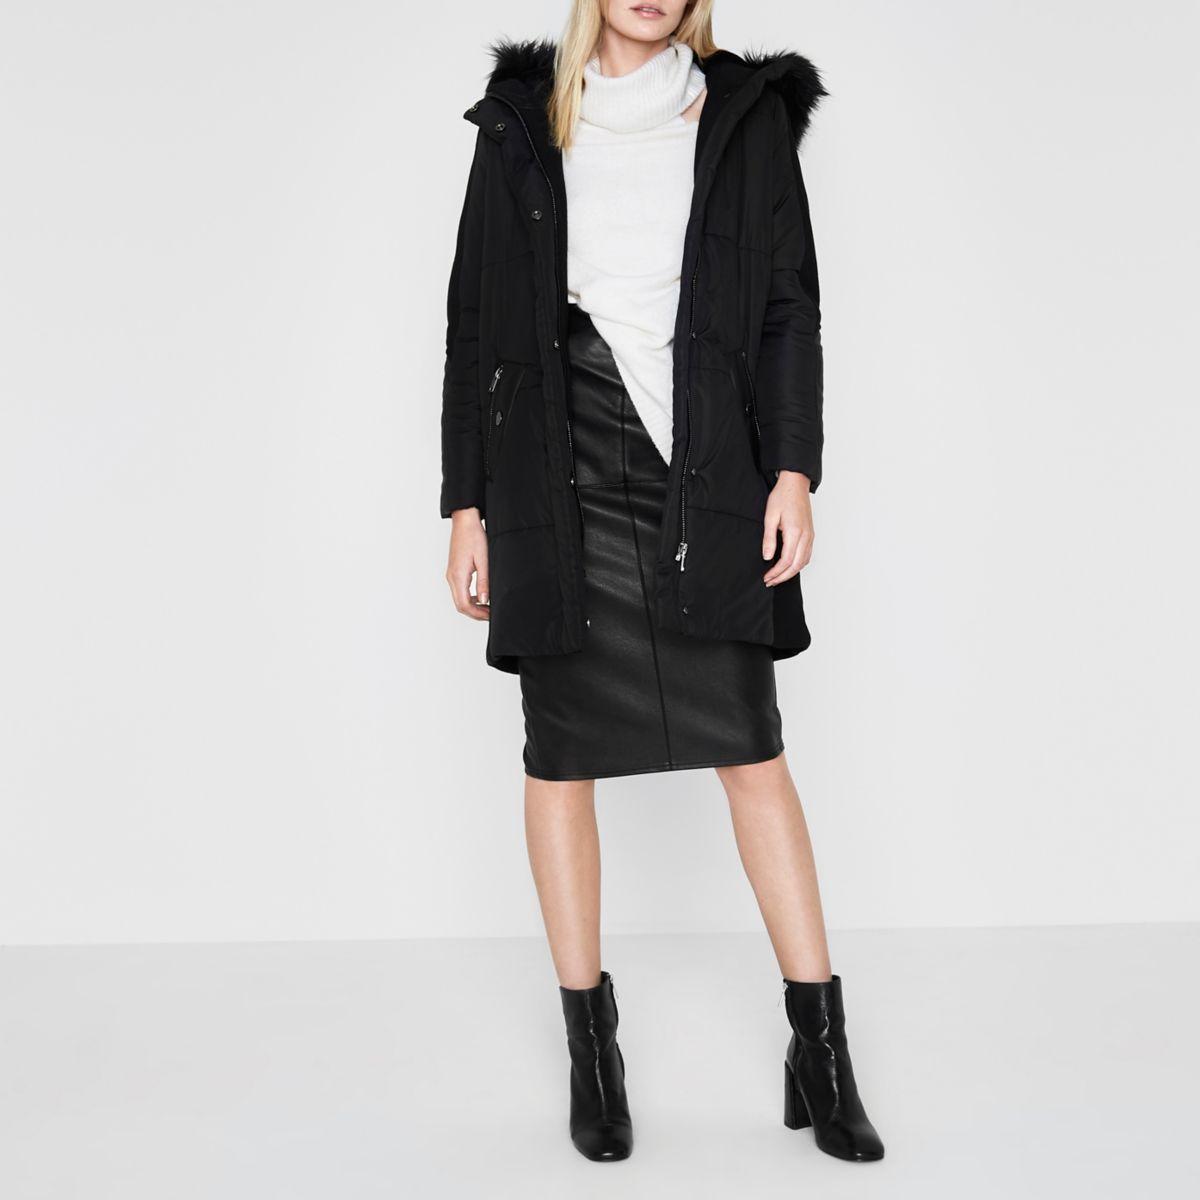 Schwarze, lange Jacke mit Kunstfellbesatz